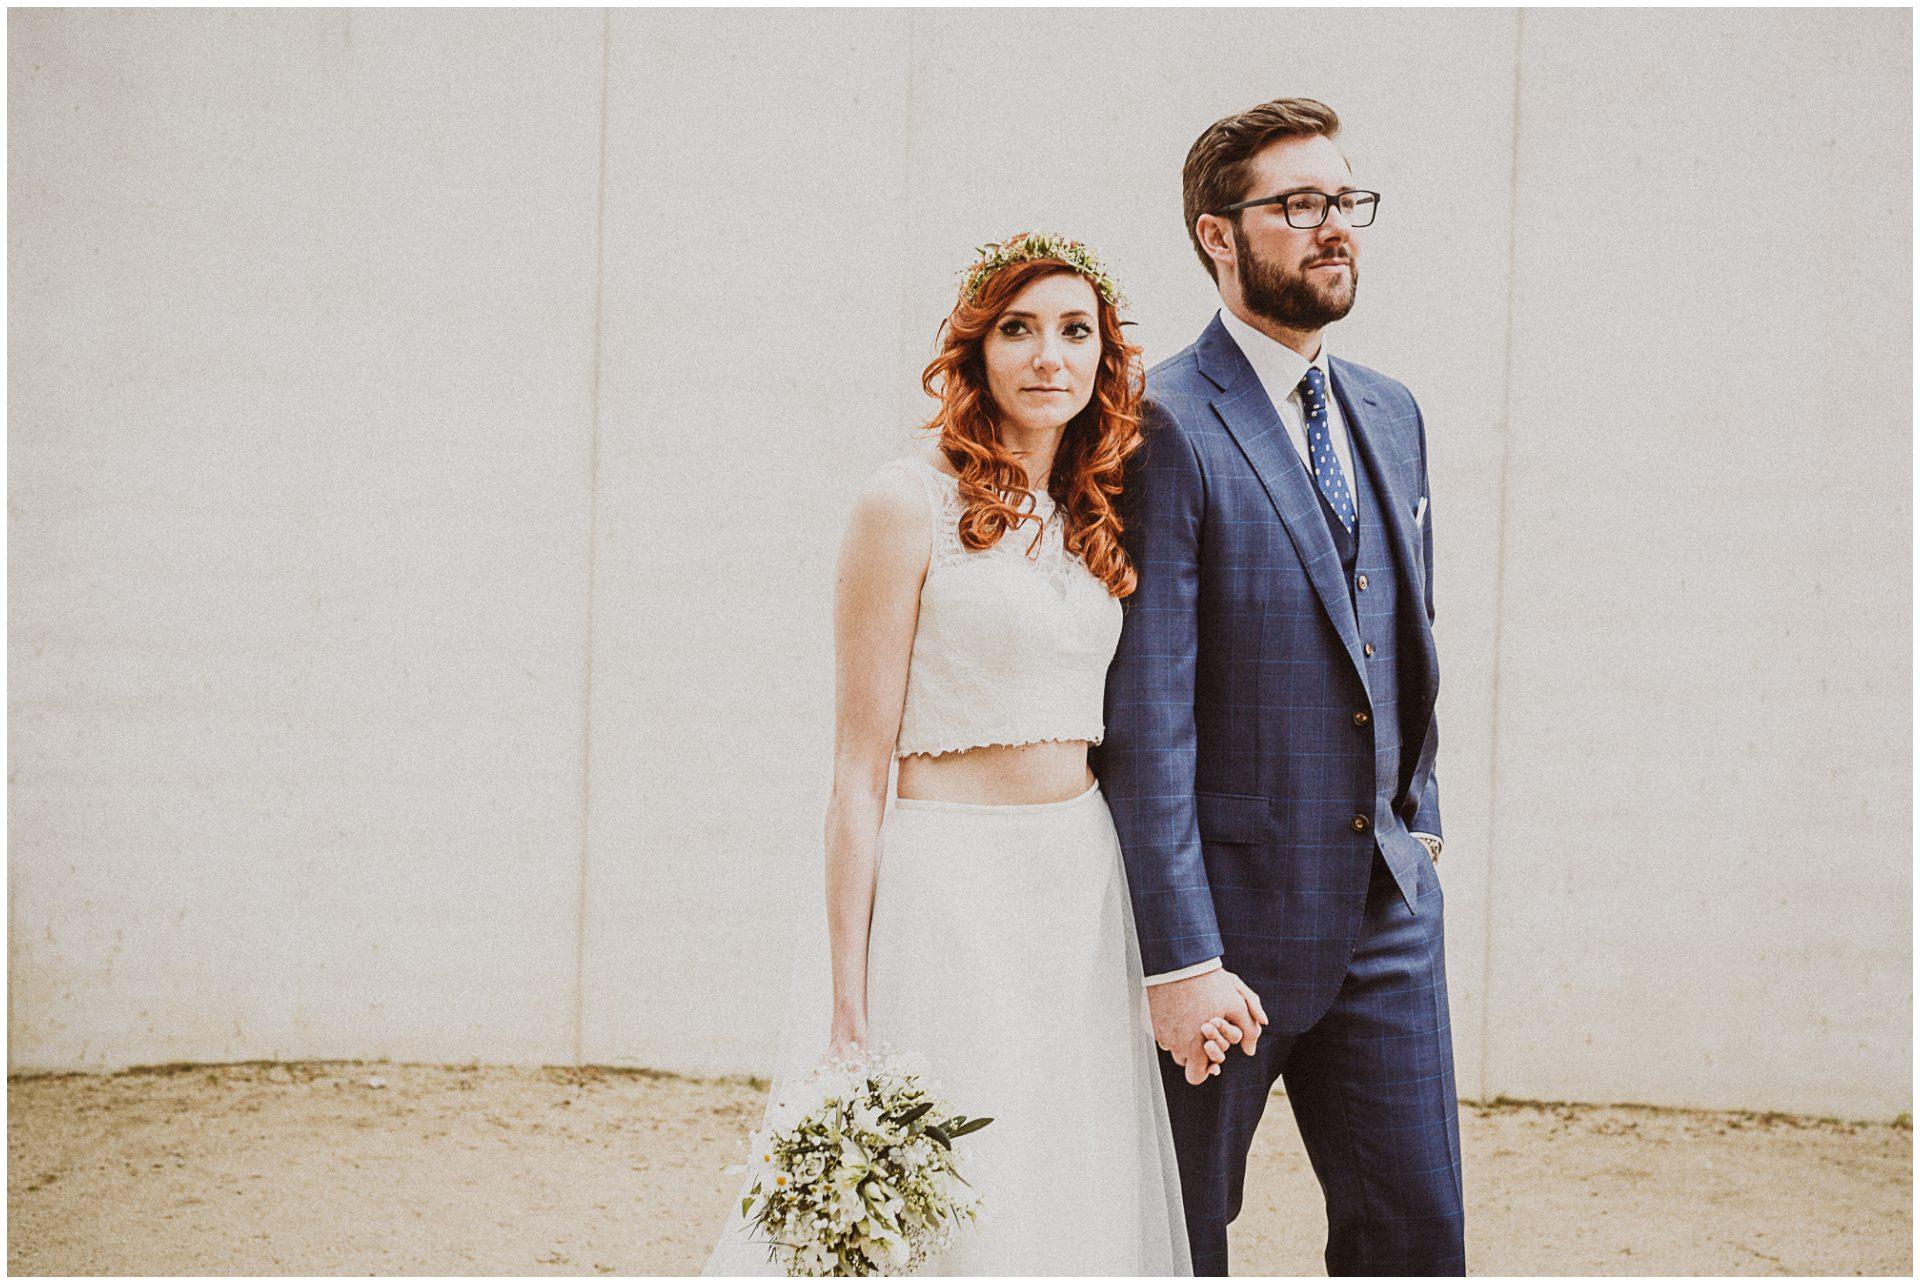 Hochzeitsfotograf Lübeck und Stockelsdorf - die 2 Tage-Hochzeit von Jacqueline & Tim, Karoline & Thomas - Eure Hochzeitsfotografen aus Schleswig-Holstein